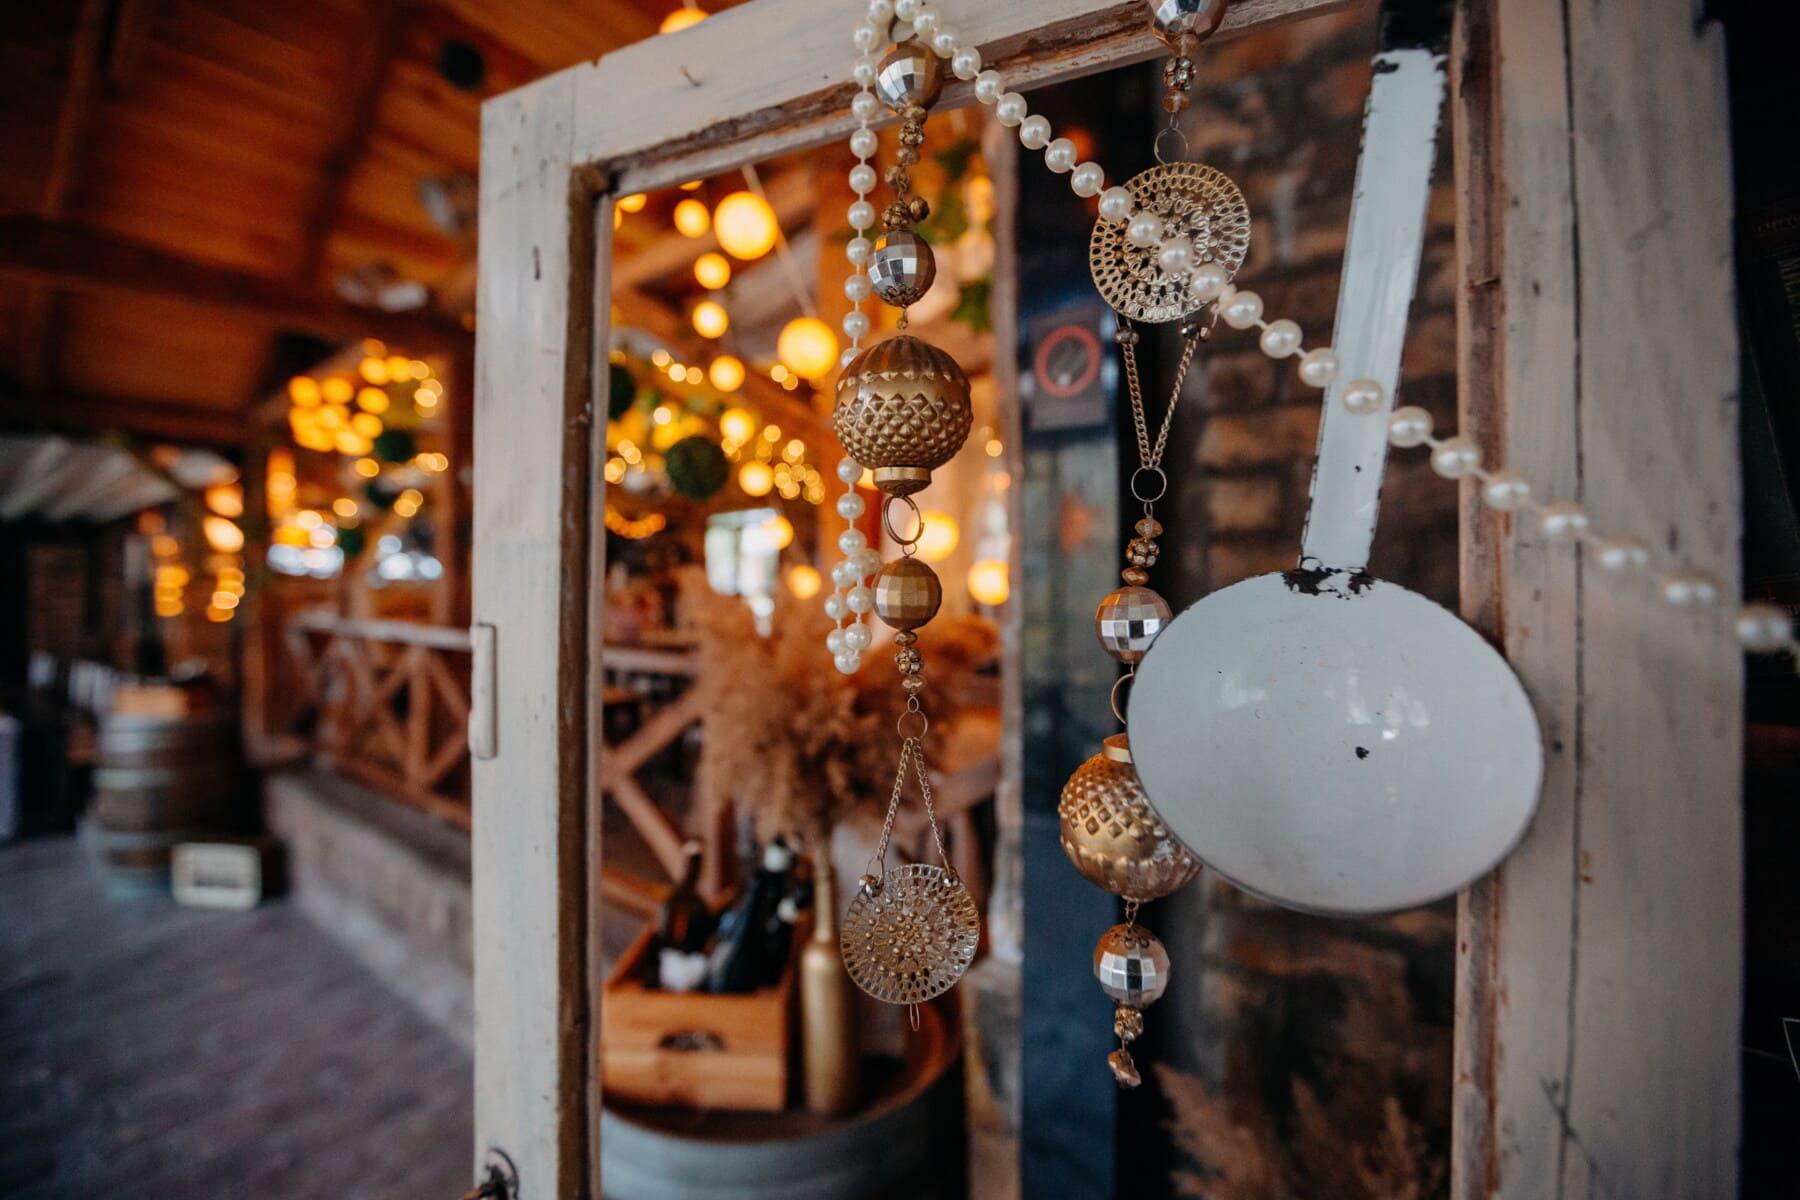 Design d'intérieur, ornement, ornementales, vintage, décoration d'intérieur, objet, suspendu, Metal, en laiton, vieux